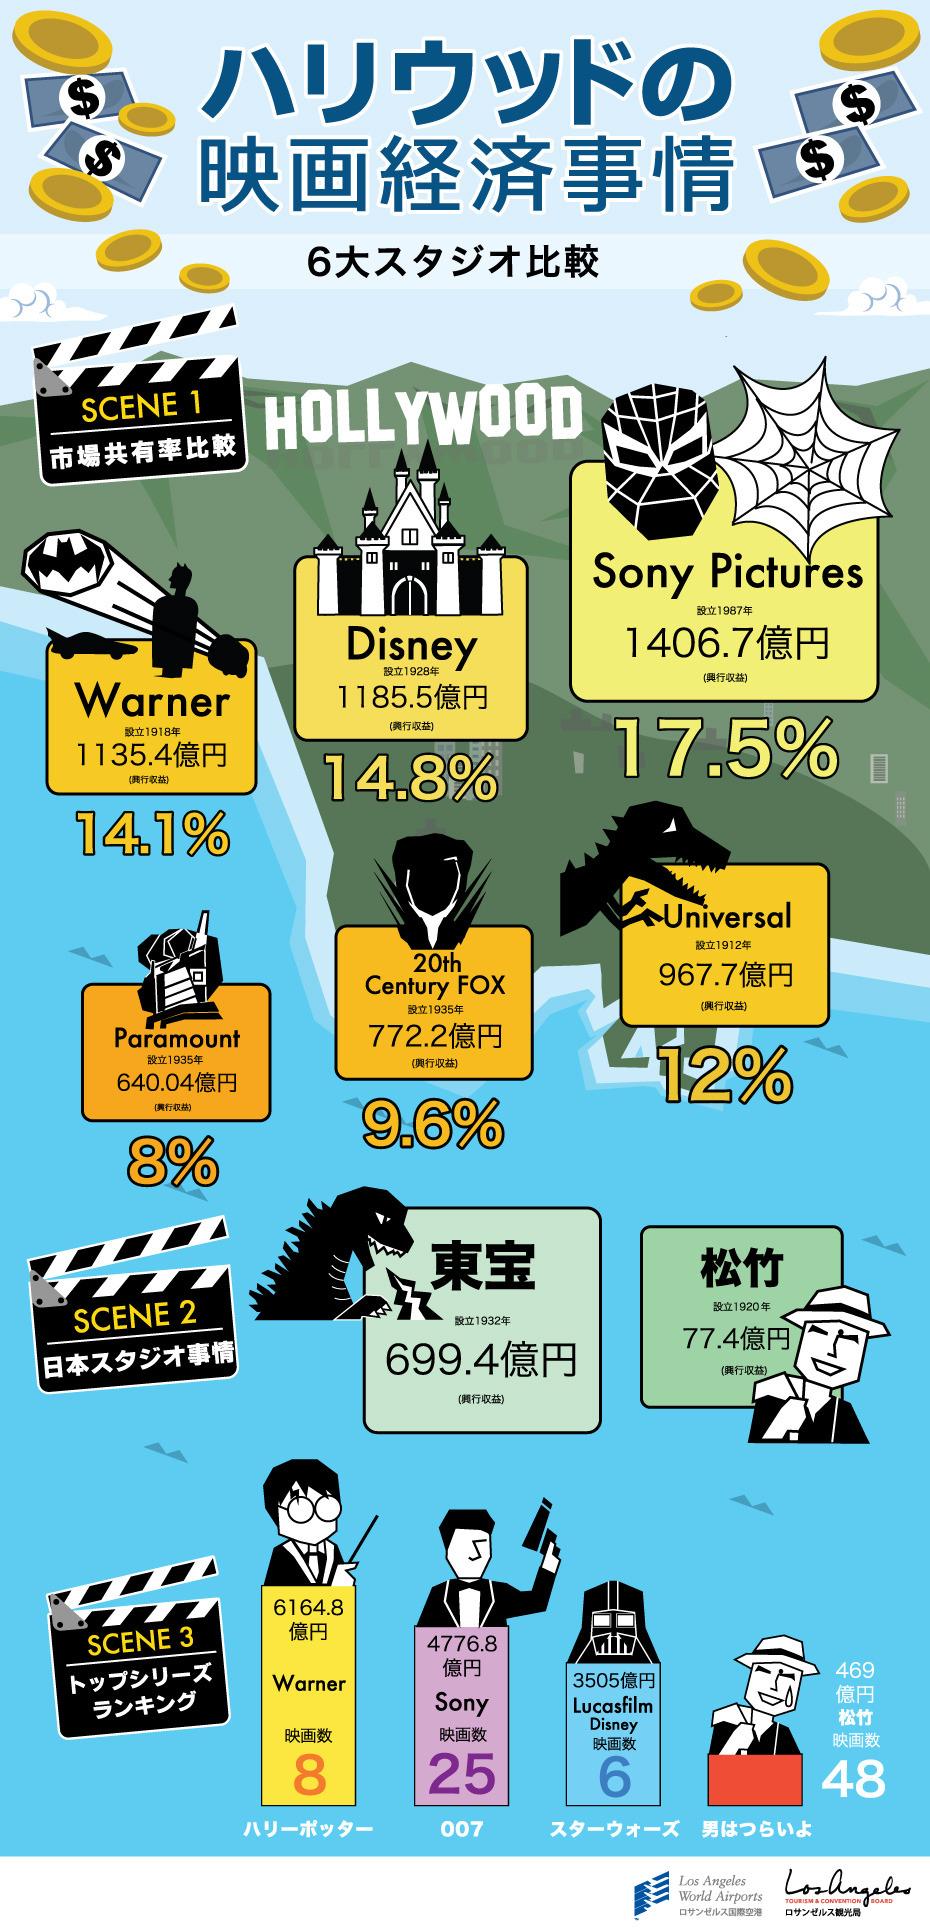 インフォグラフィック:映画配給会社売上No.1は、ディズニーやワーナーを抜いてソニーピクチャーズ